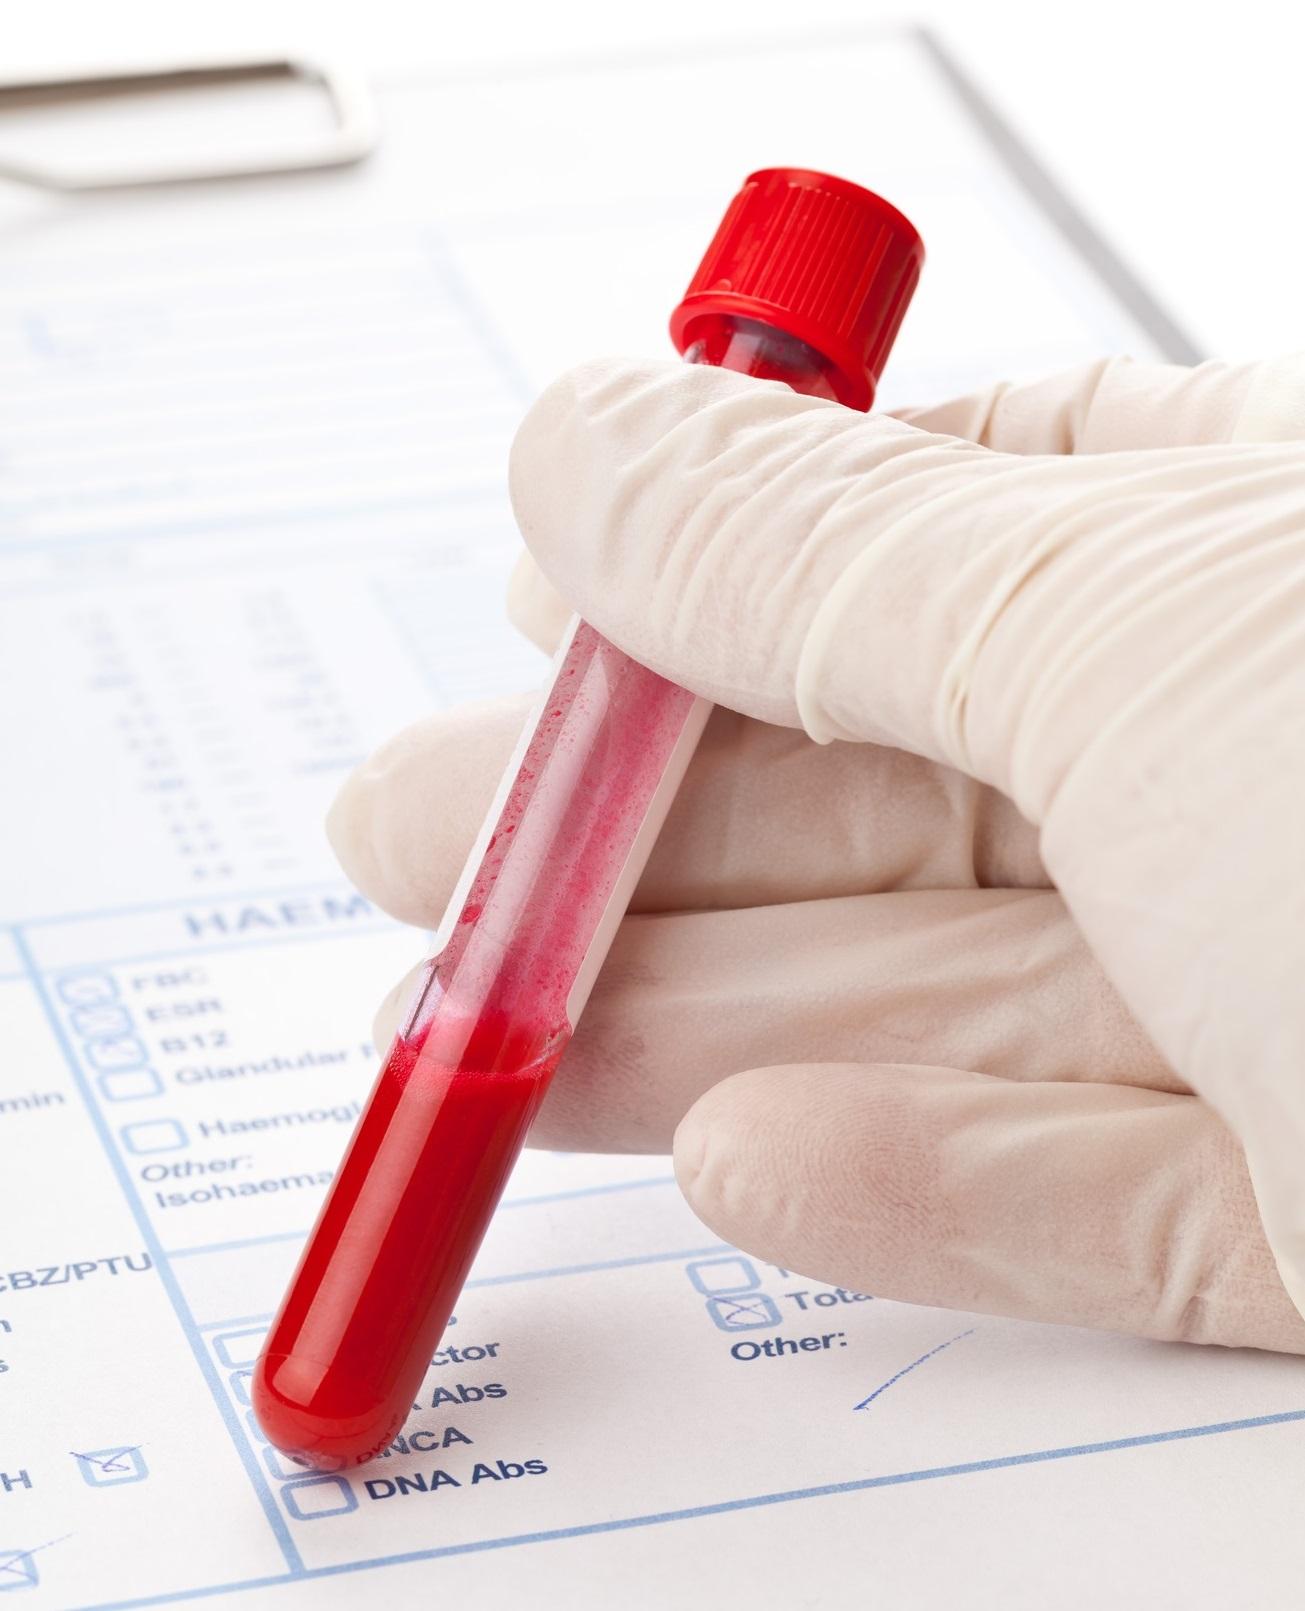 ה- HbA1C   ירד מ 11.4% ל- 6.1% – ב- 4 חודשים!